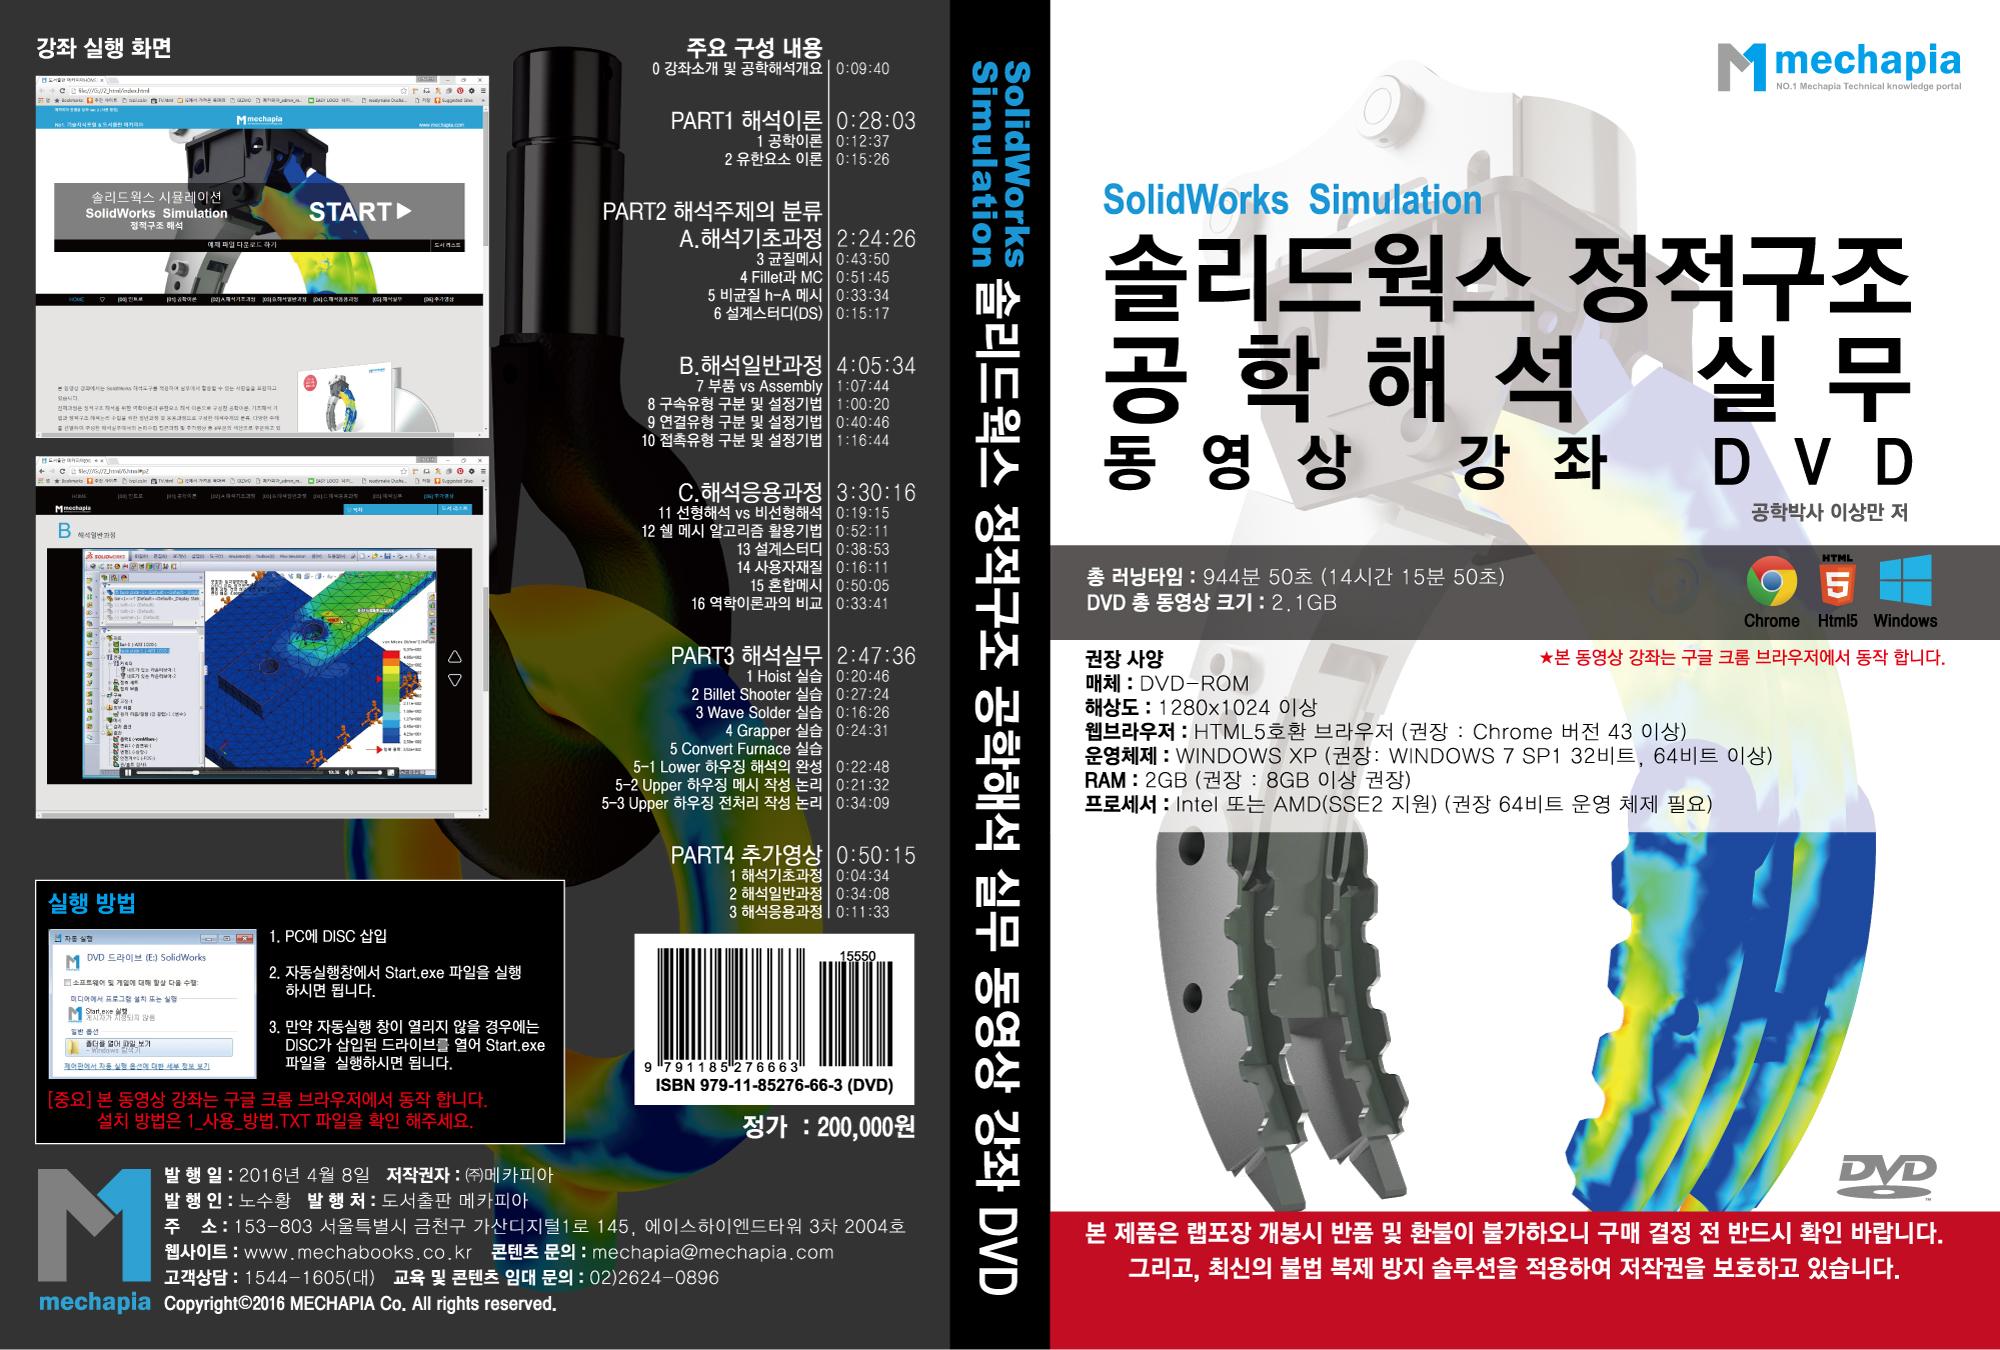 솔리드웍스-정적구조해석-실무-DVD-SKIN-자켓_인쇄용.jpg